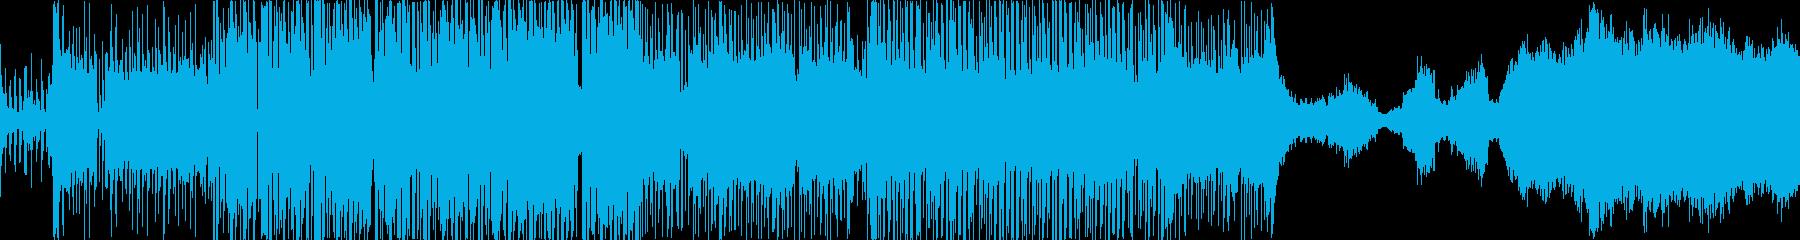 知的でクールな電子曲の再生済みの波形